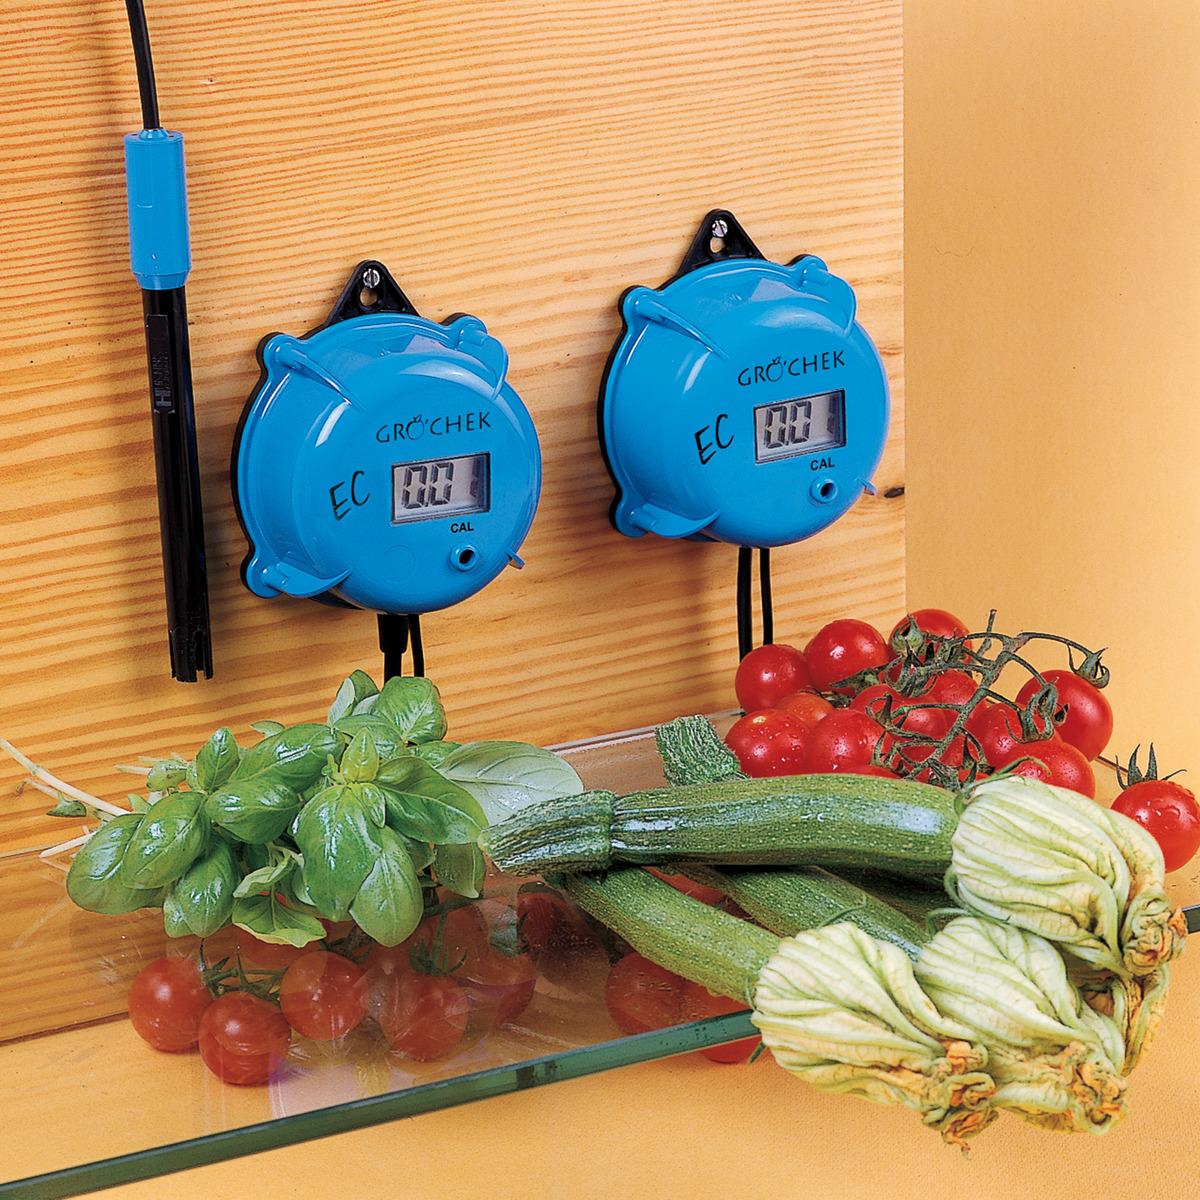 HI983302  Gro'Chek On-line Waterproof EC Meter with LCD